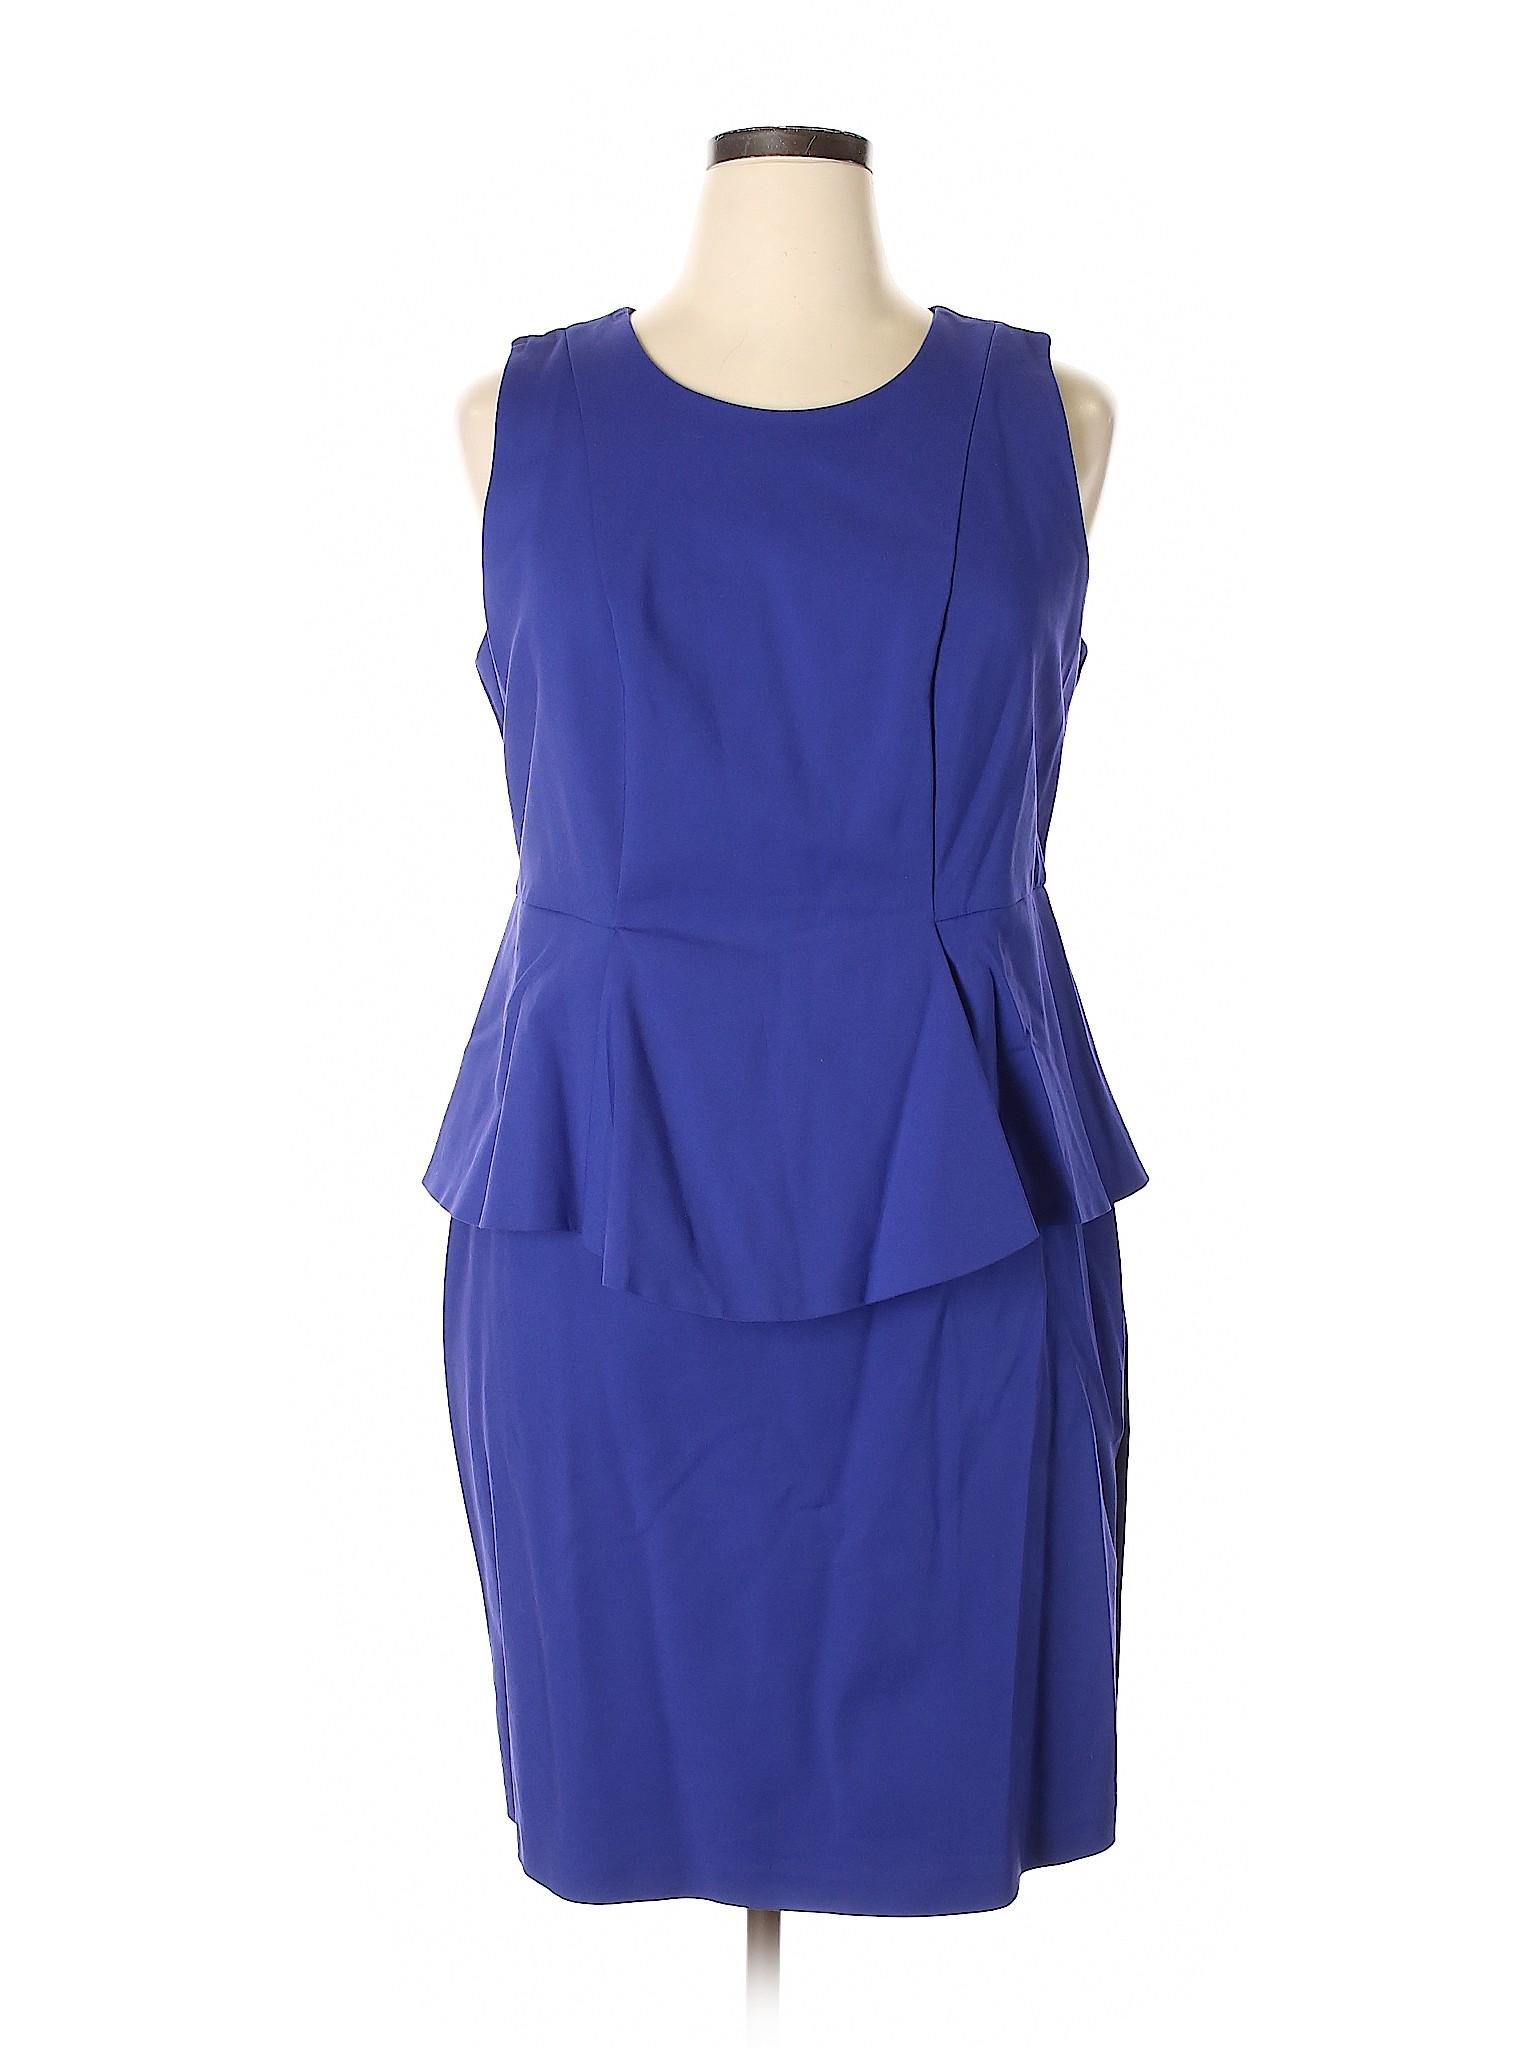 ba044d1ec89 Details about Eloquii Women Blue Casual Dress 16 Plus